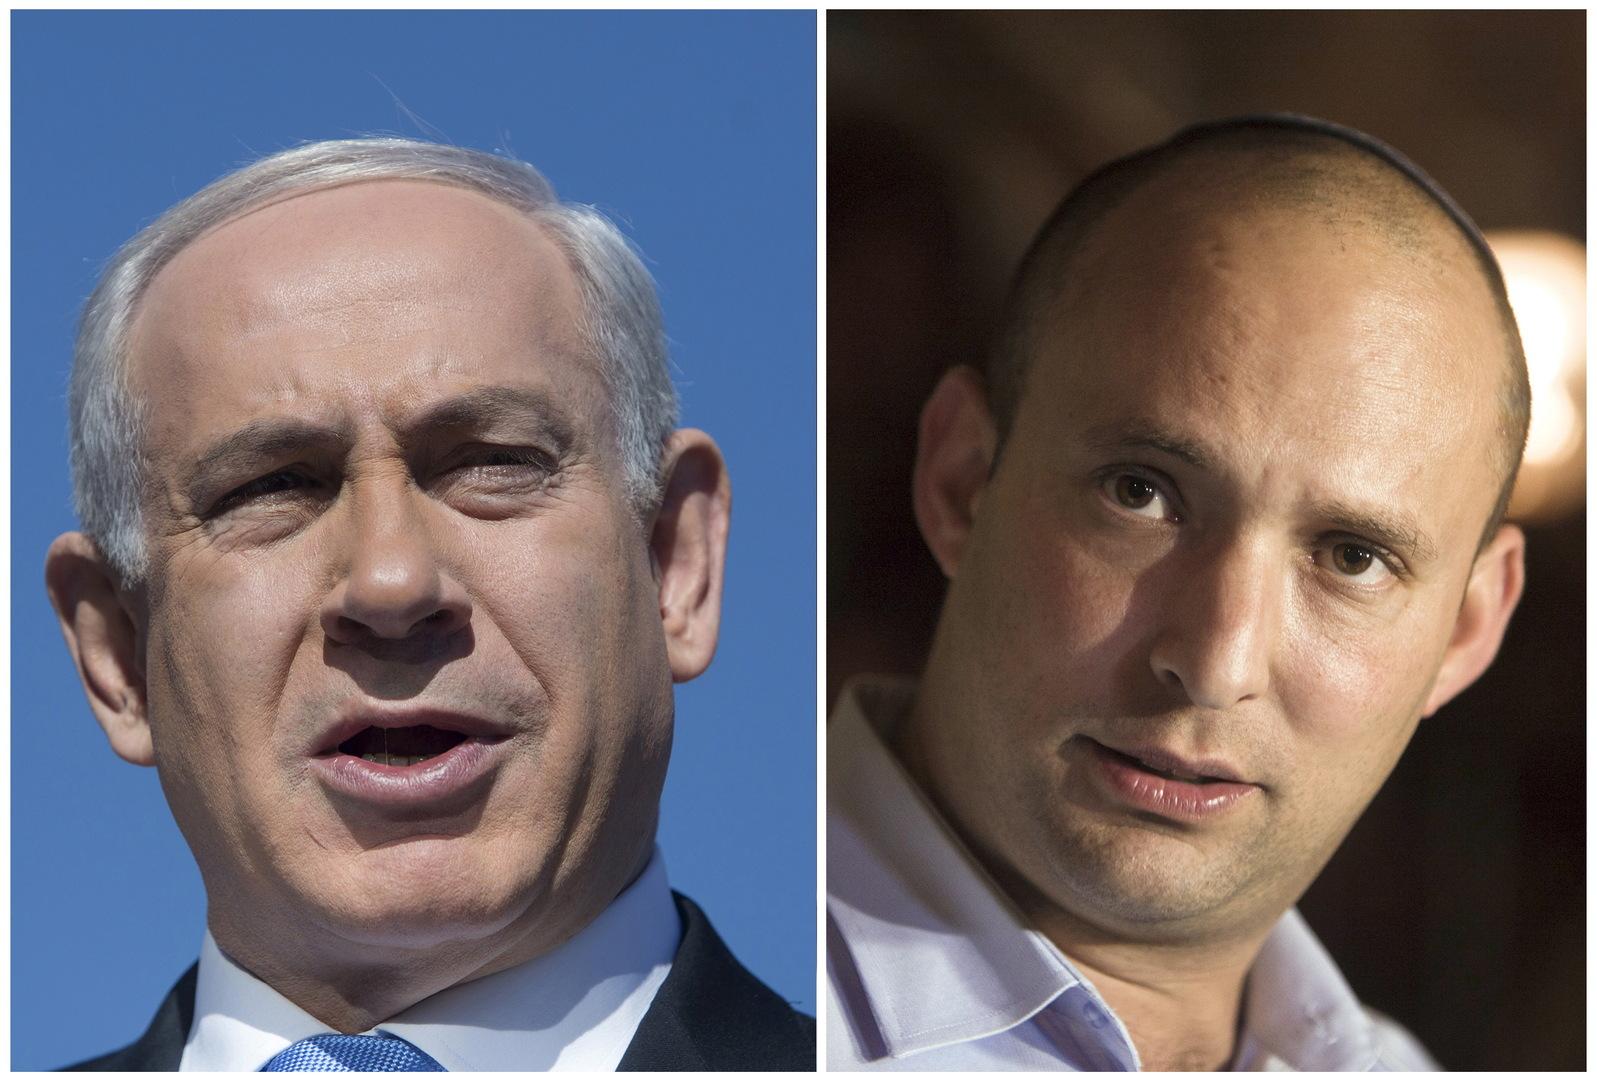 رئيس الحكومة الإسرائيلية الجديد نفتالي بينيت ورئيس الوزراء الإسرائيلي السابق بنيامين نتنياهو